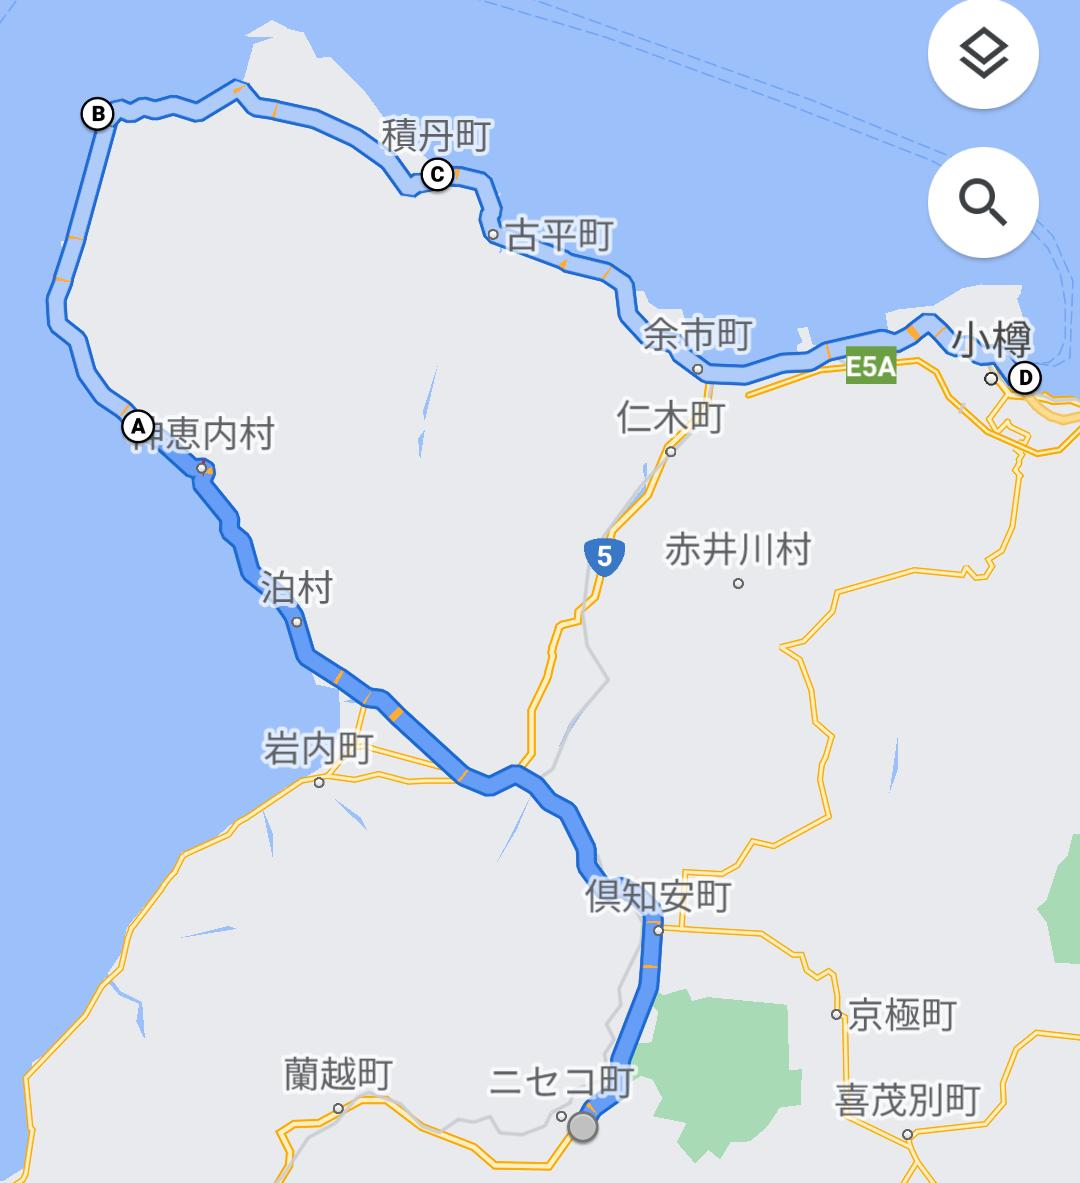 f:id:otoyan191:20210730180106p:plain